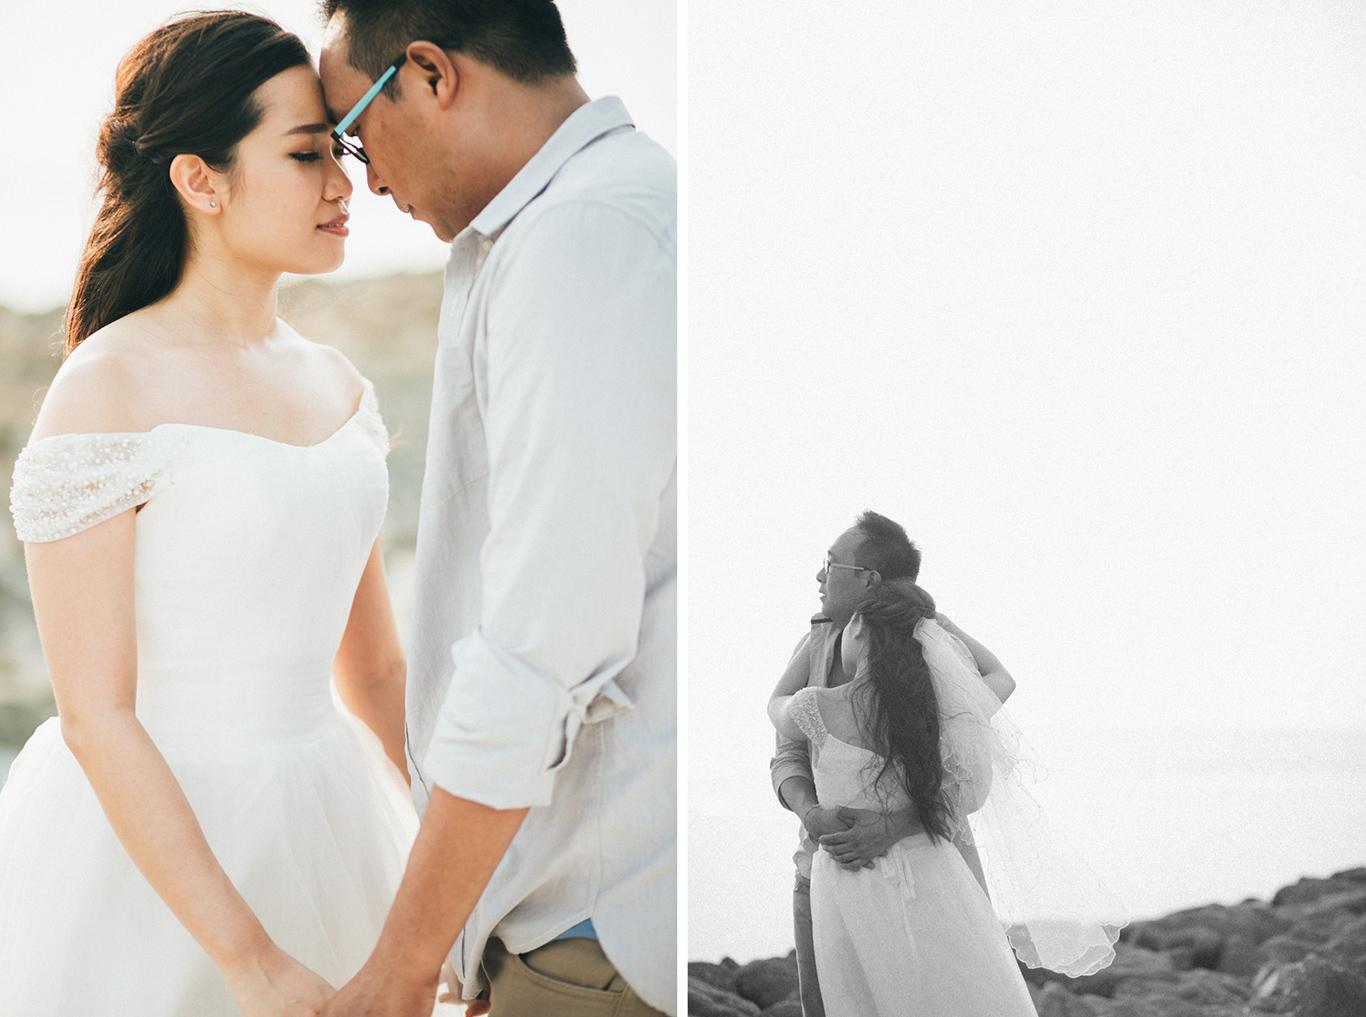 19-hellojanelee-sekinchan-prewedding-engagement-malaysia